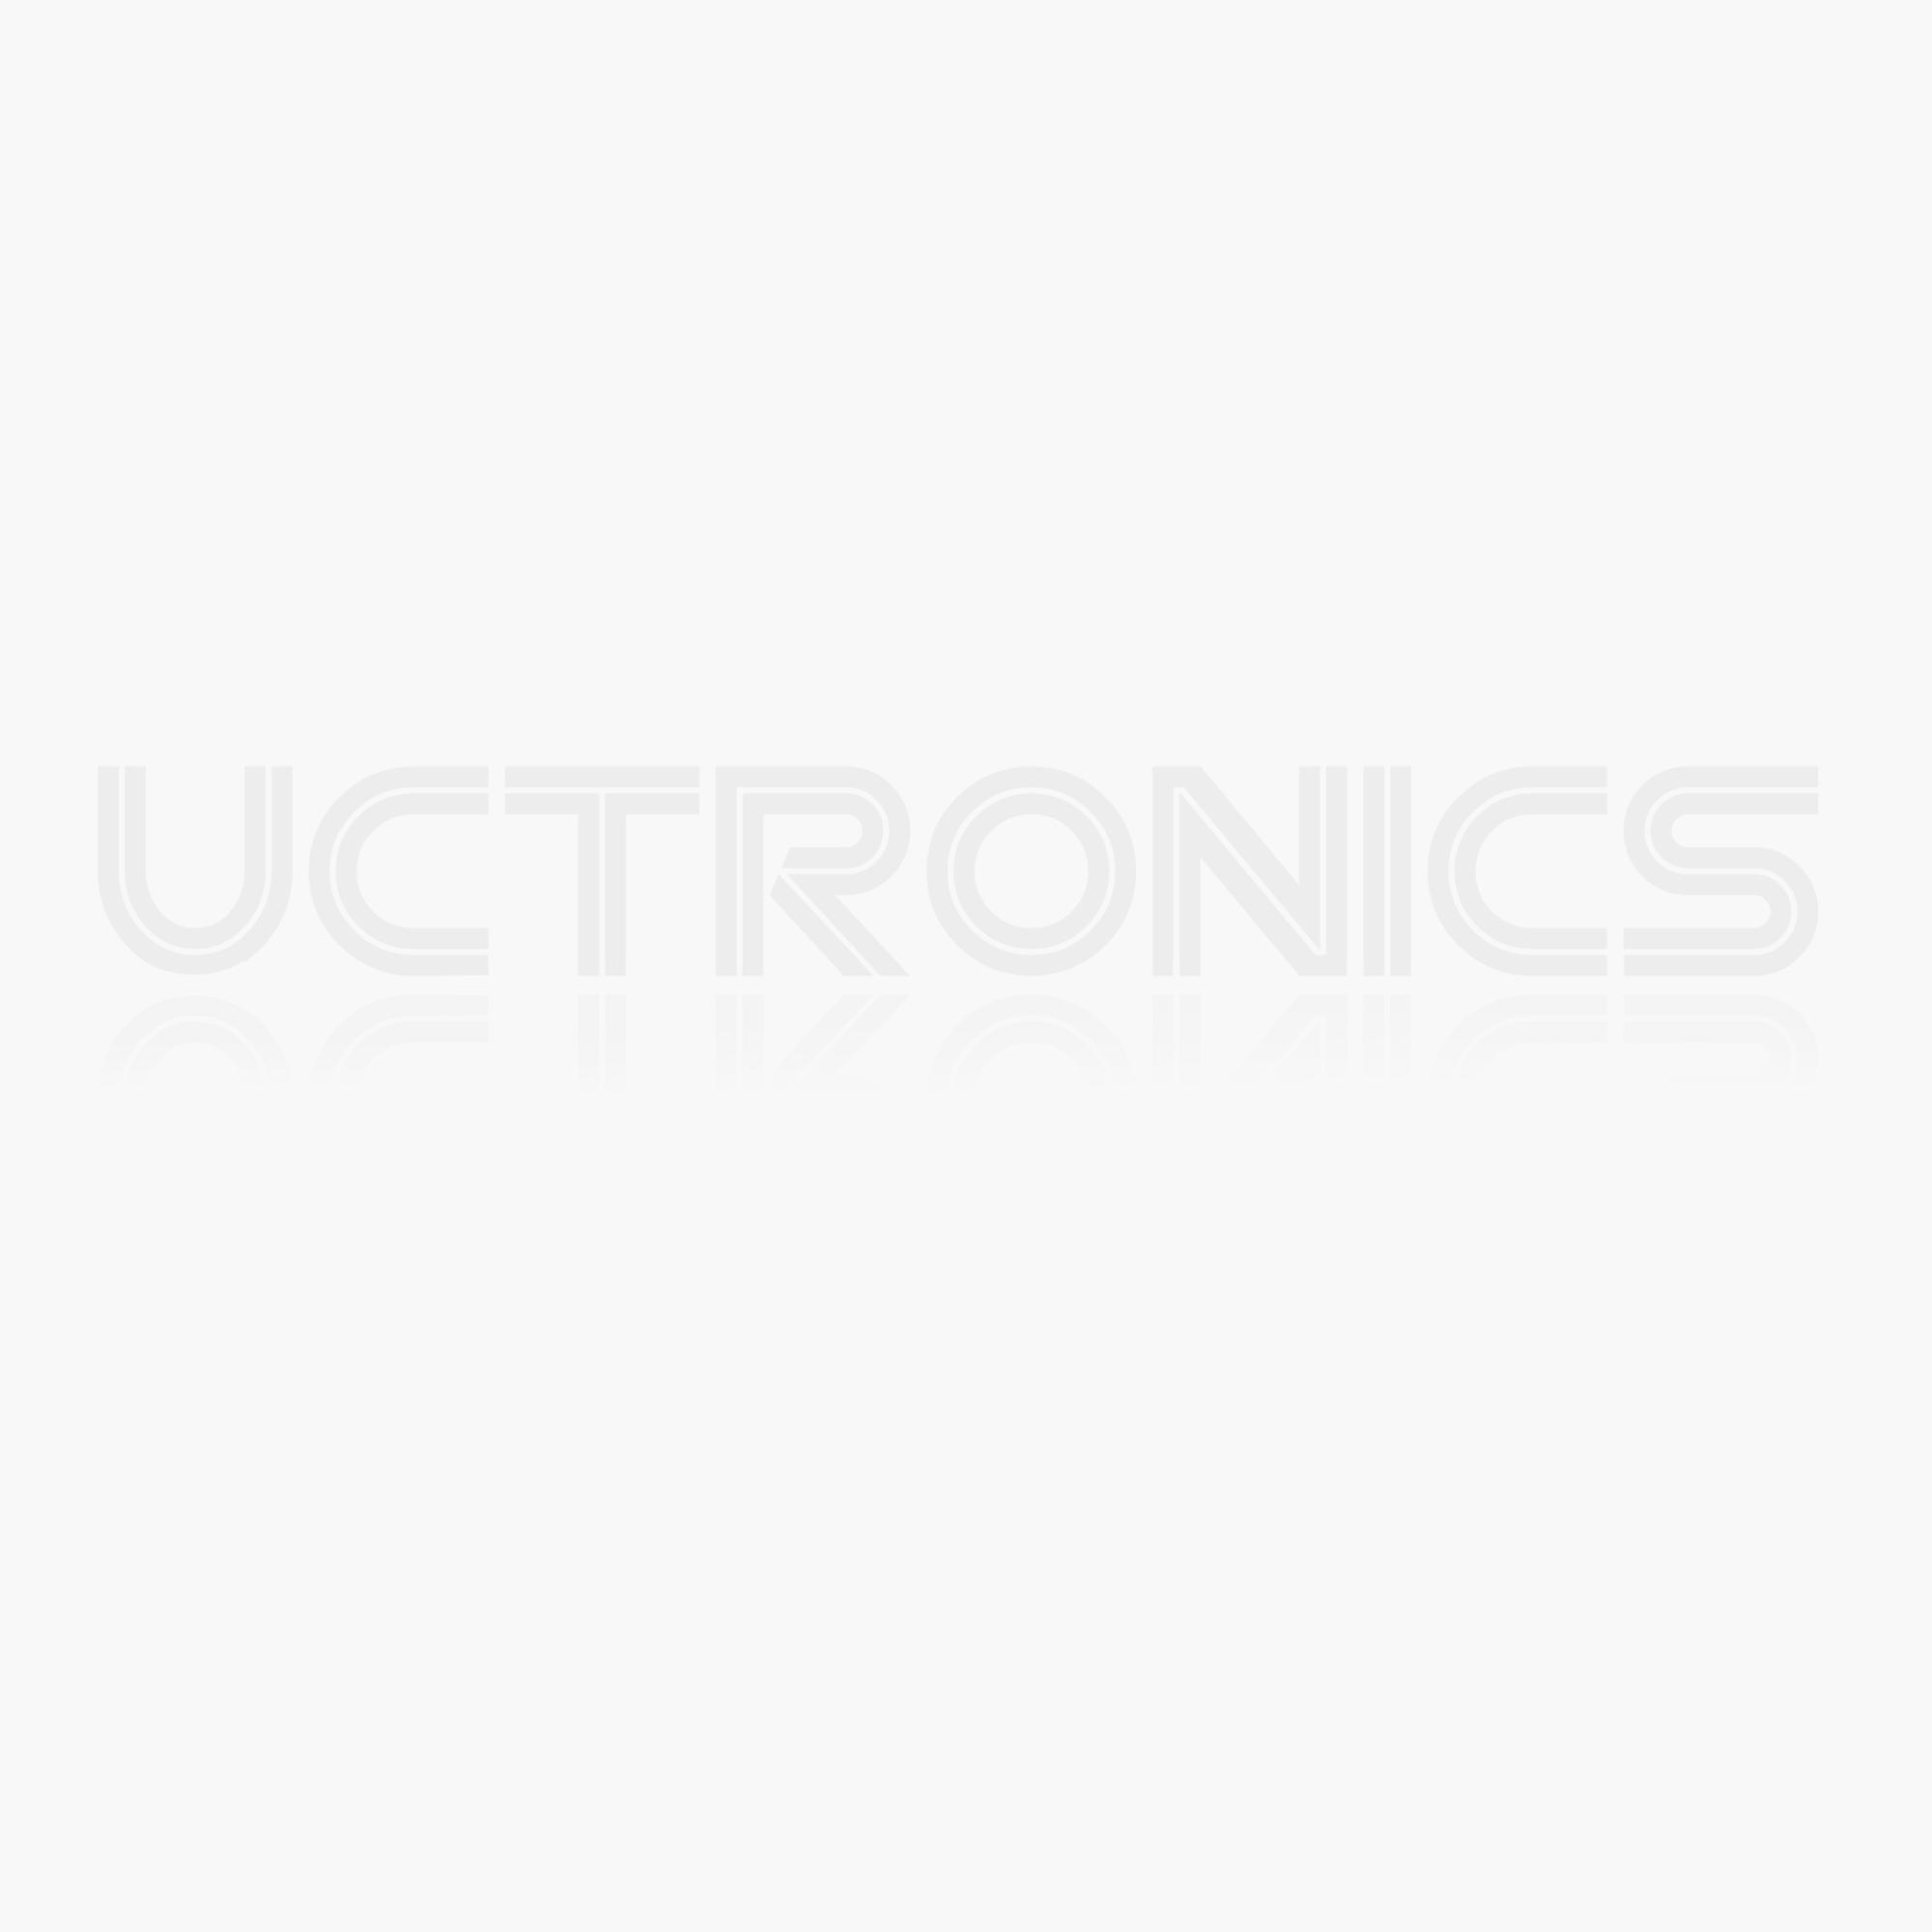 MPU-9150 9DOF e-compass accelerometer gyroscope module replace MPU 6050